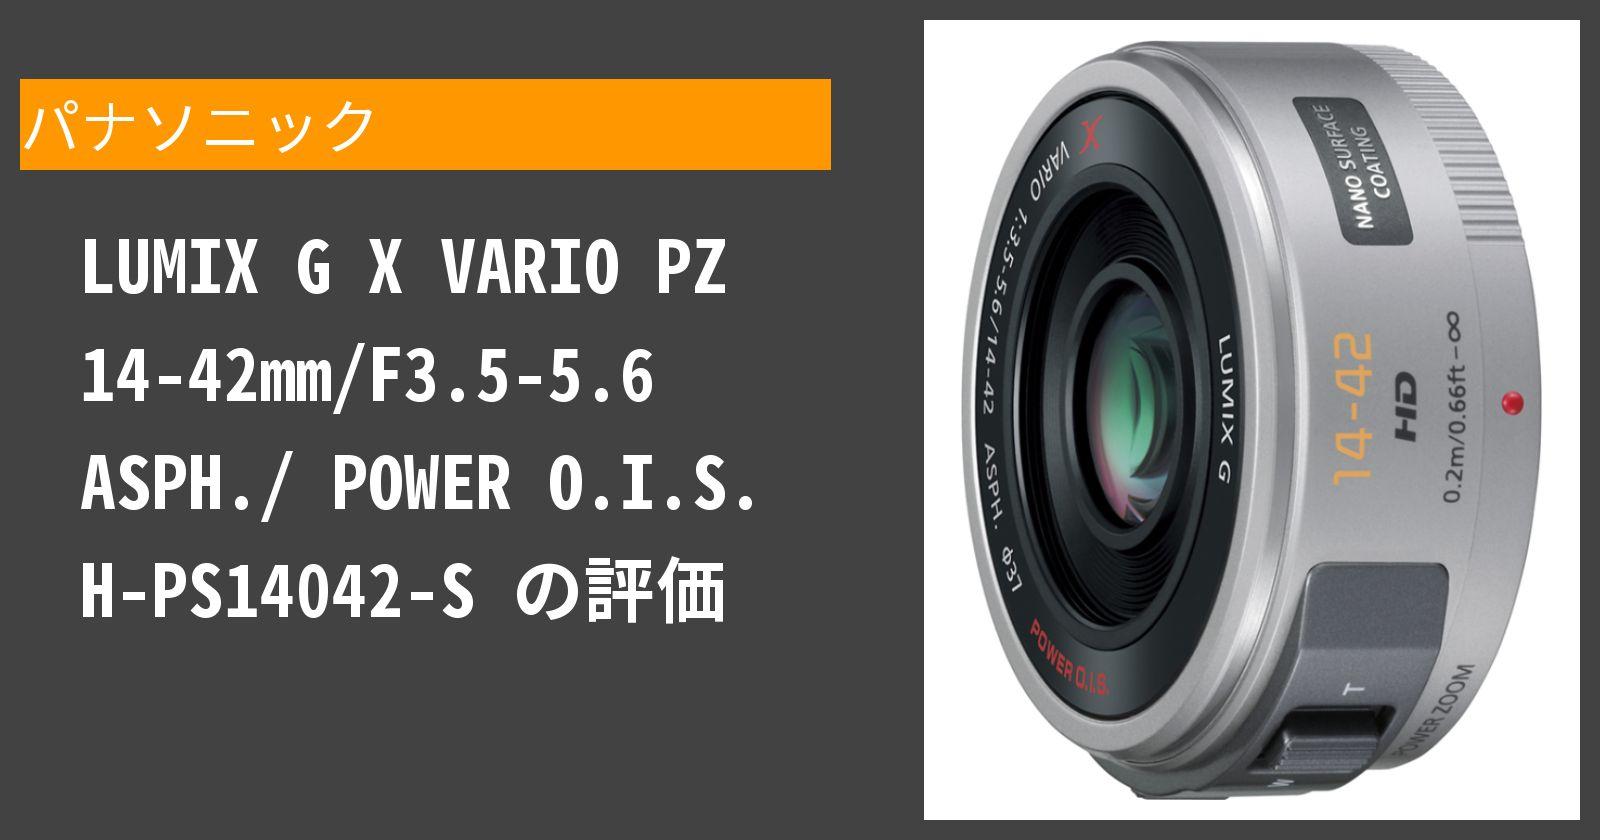 LUMIX G X VARIO PZ 14-42mm/F3.5-5.6 ASPH./ POWER O.I.S. H-PS14042-Sを徹底評価